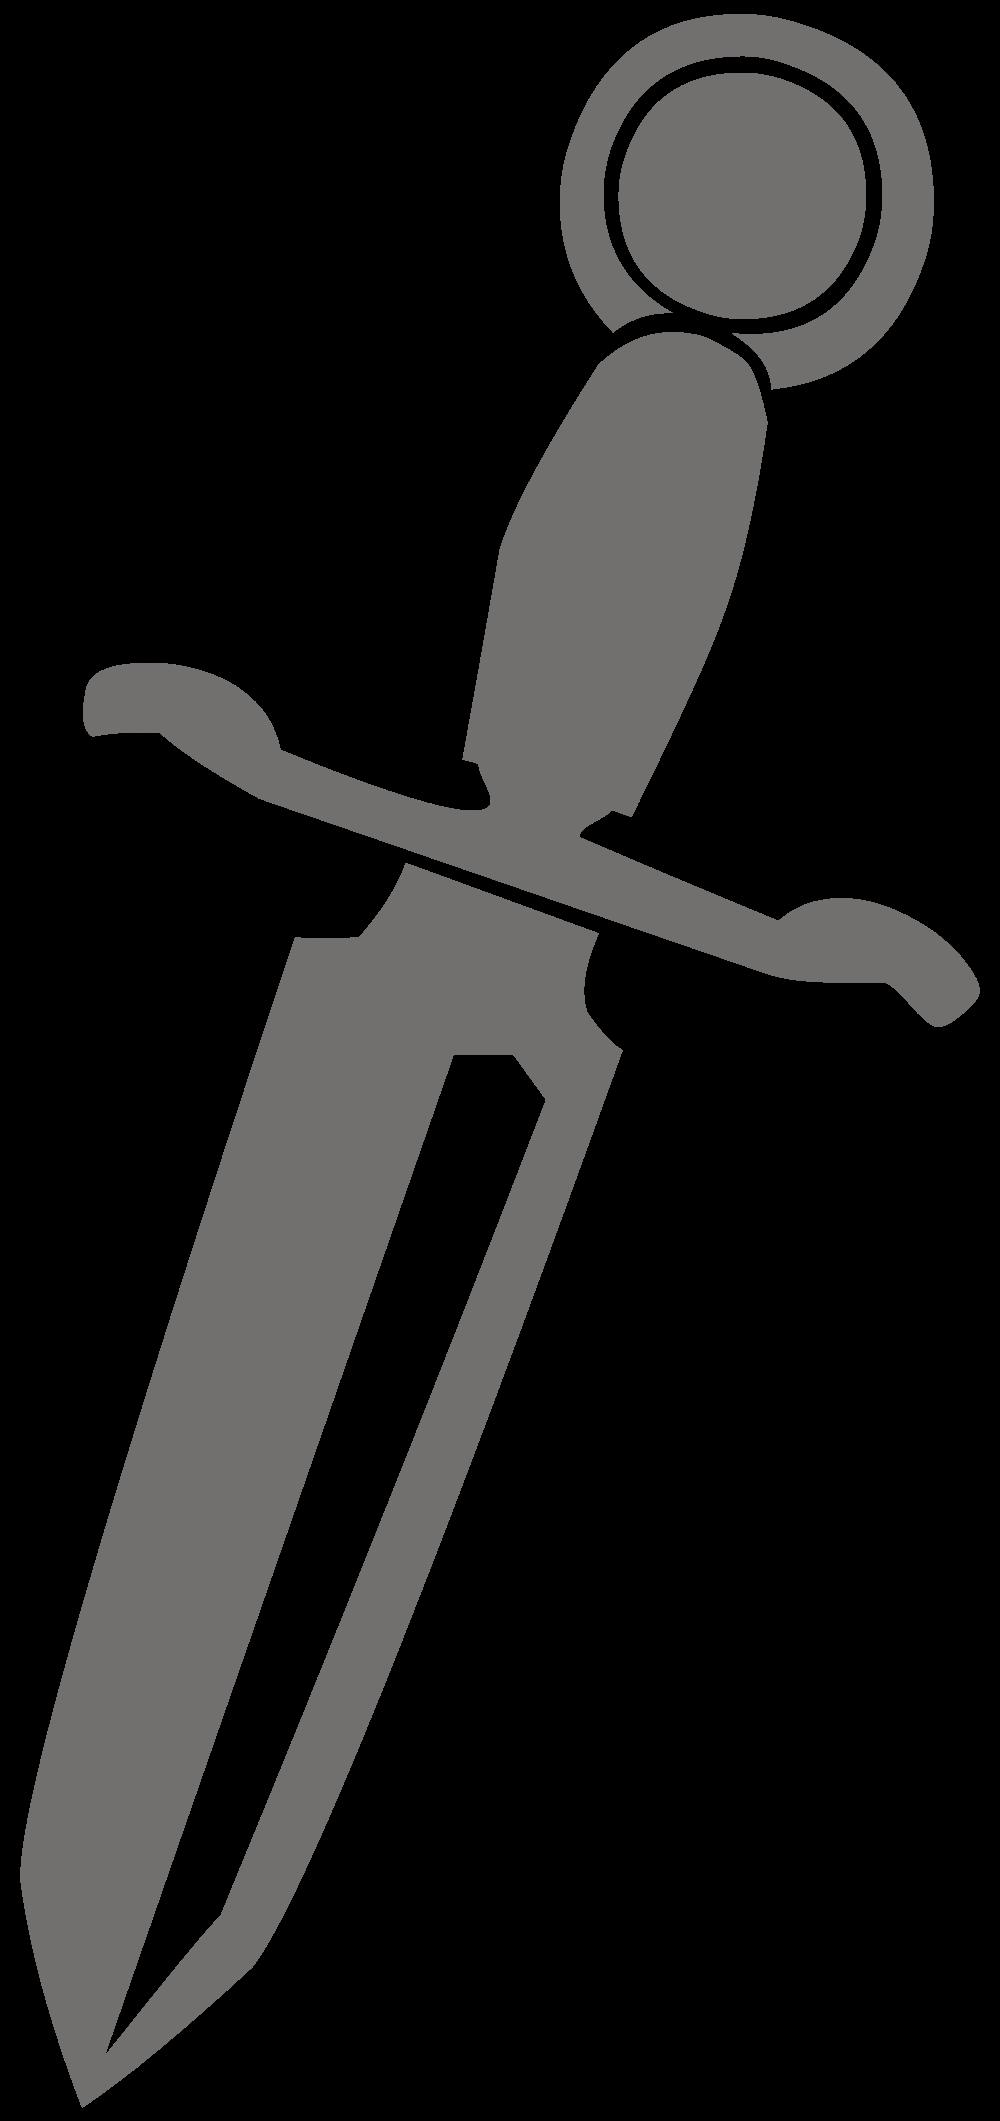 Dagger clipart black and white. File silhouette l svg